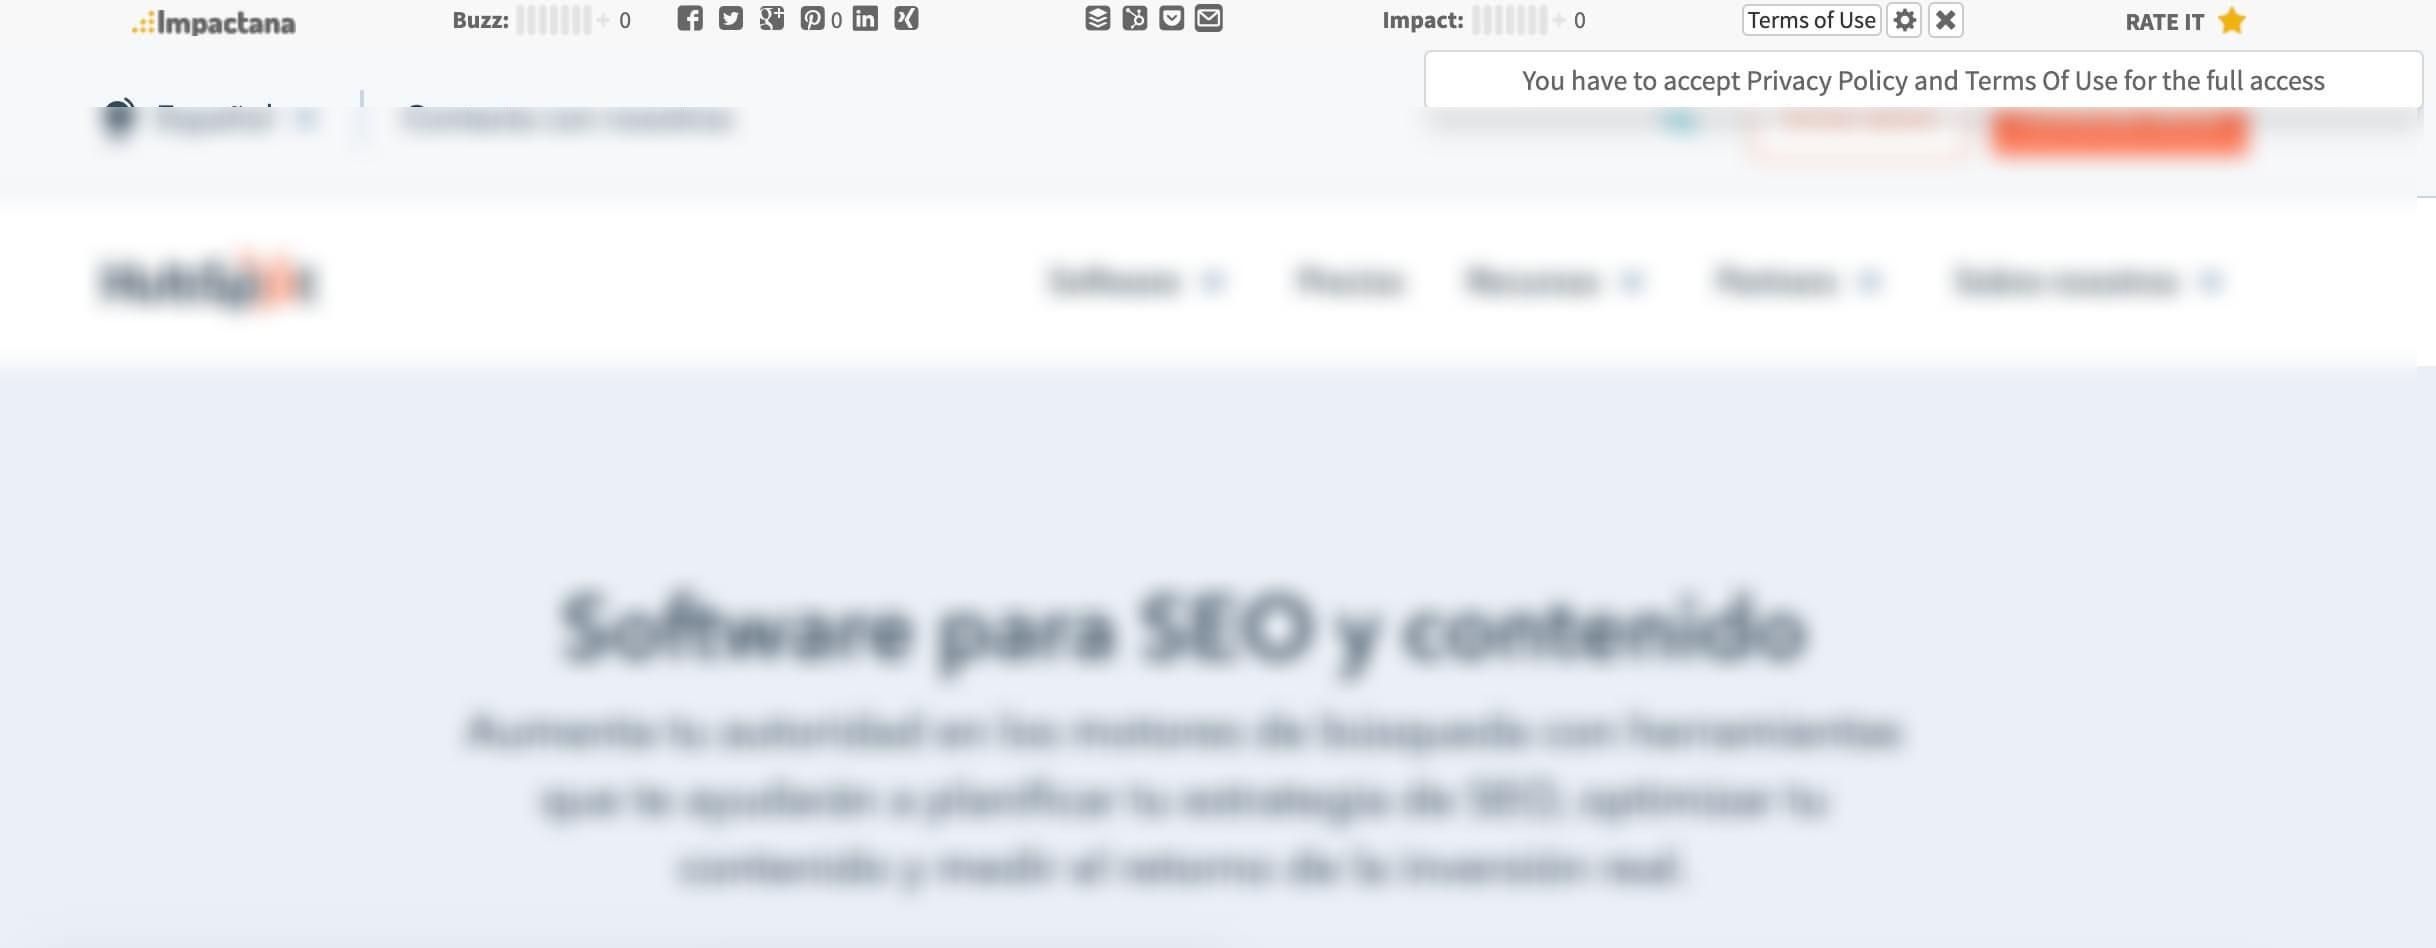 برنامه افزودنی Chrome Impactana